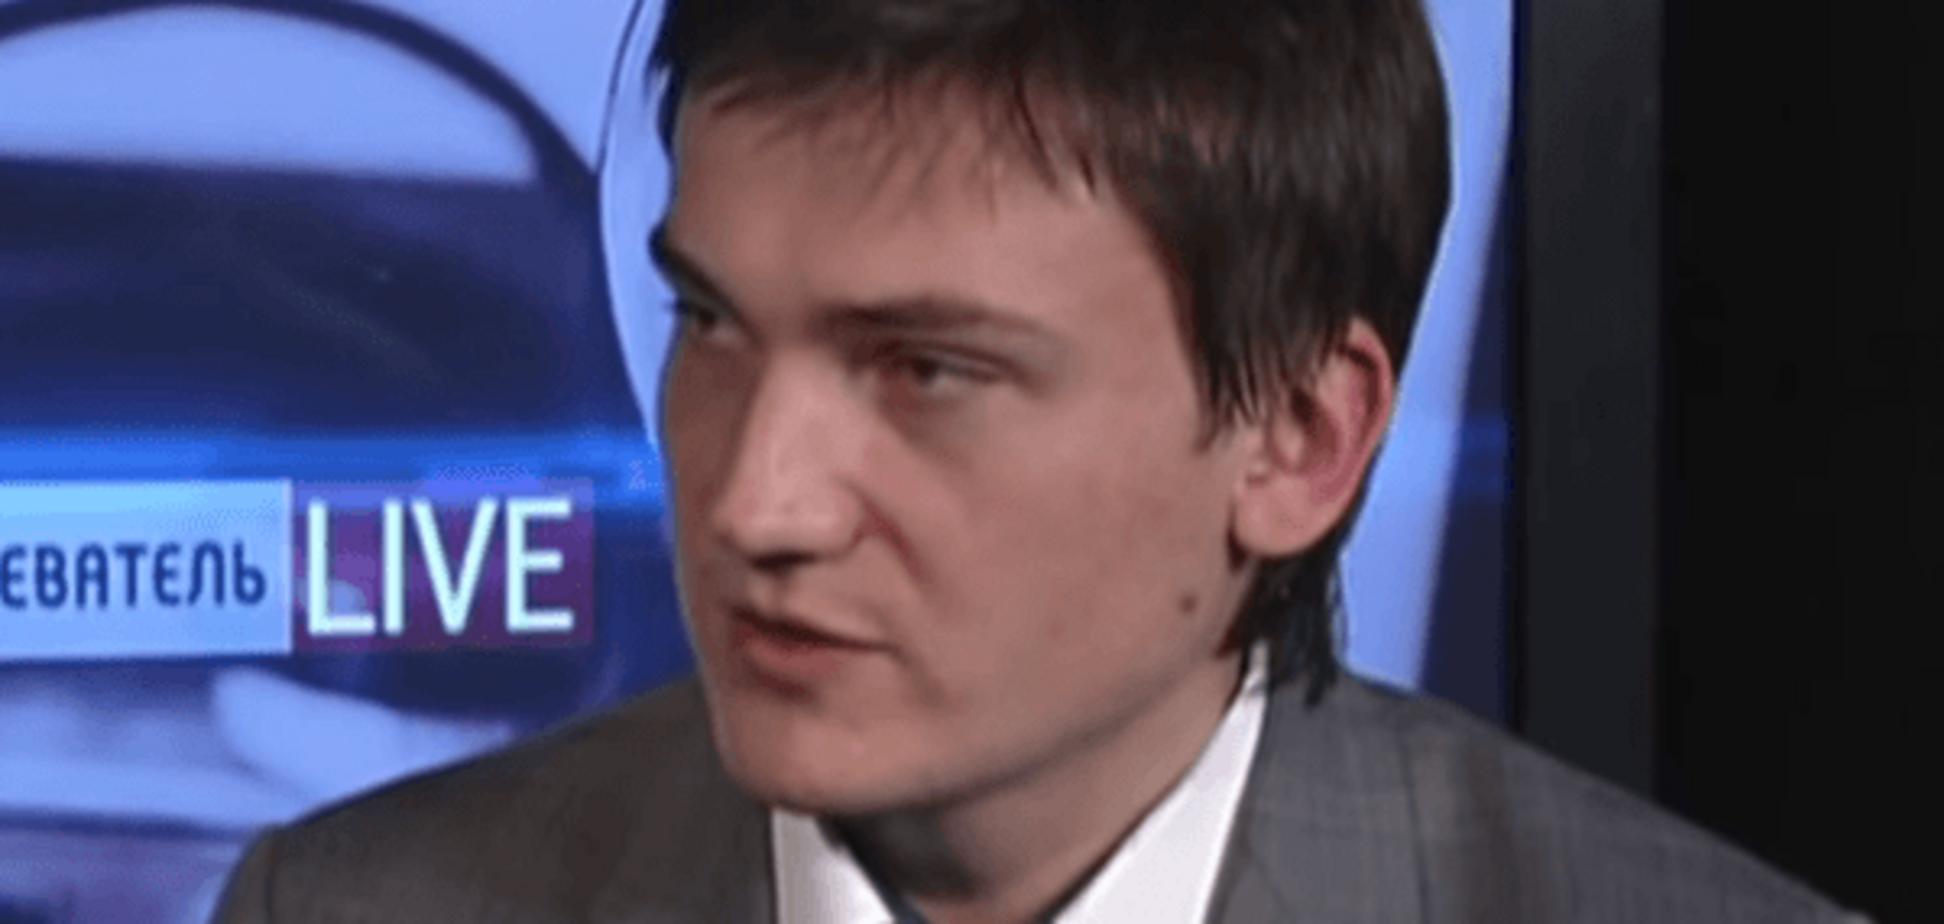 Наповнити бюджет України можна за рахунок емігрантів - економіст